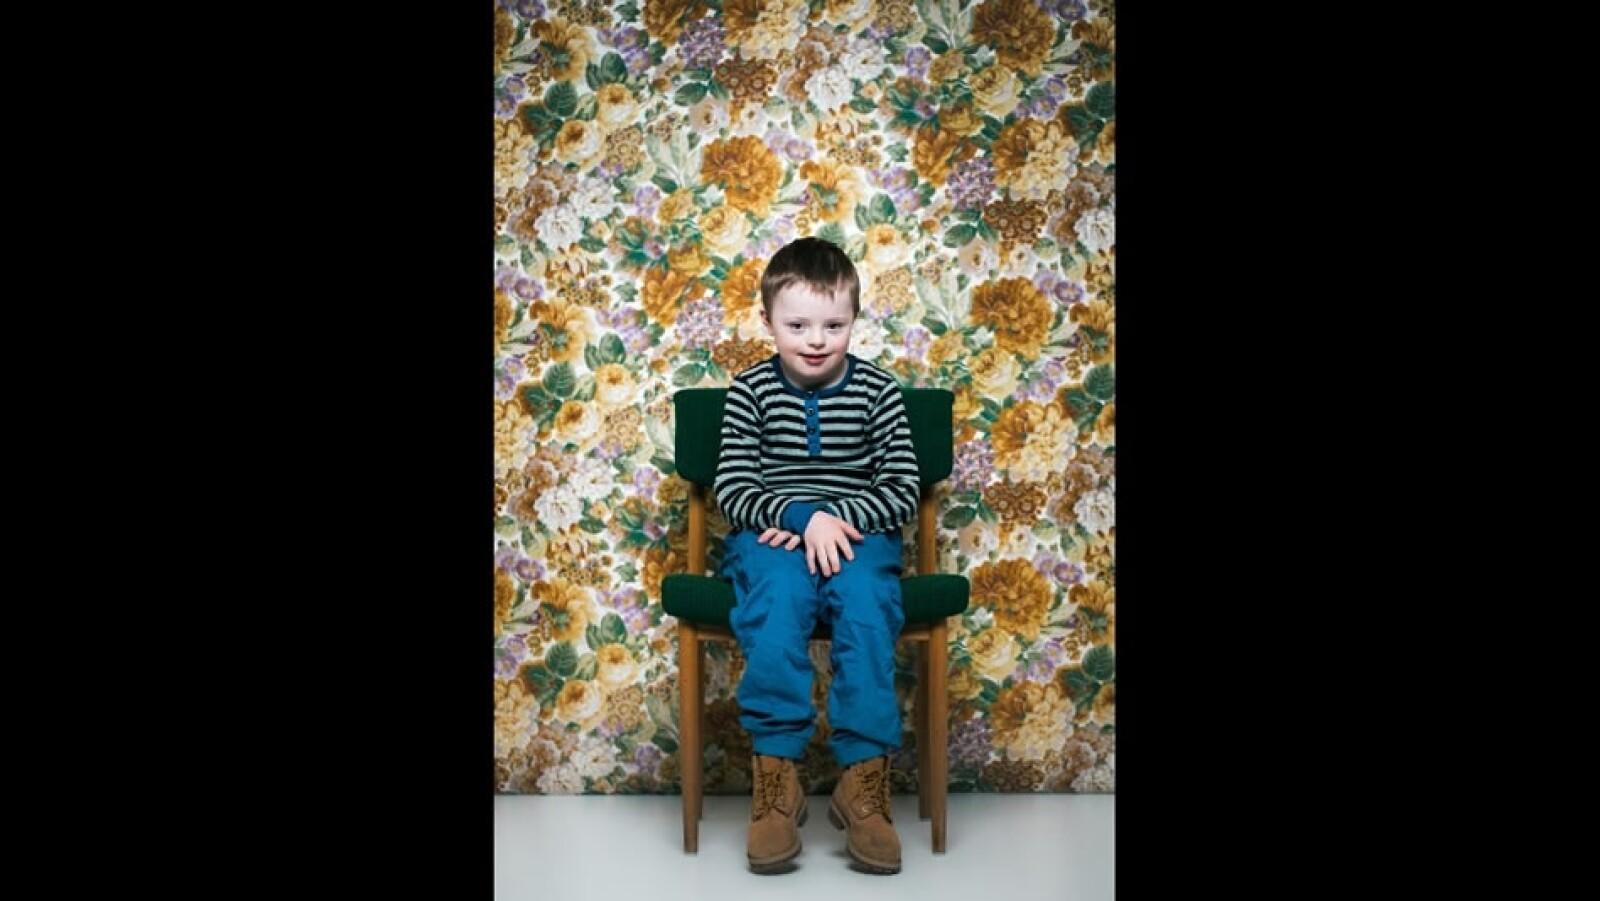 Garoar síndrome de Down